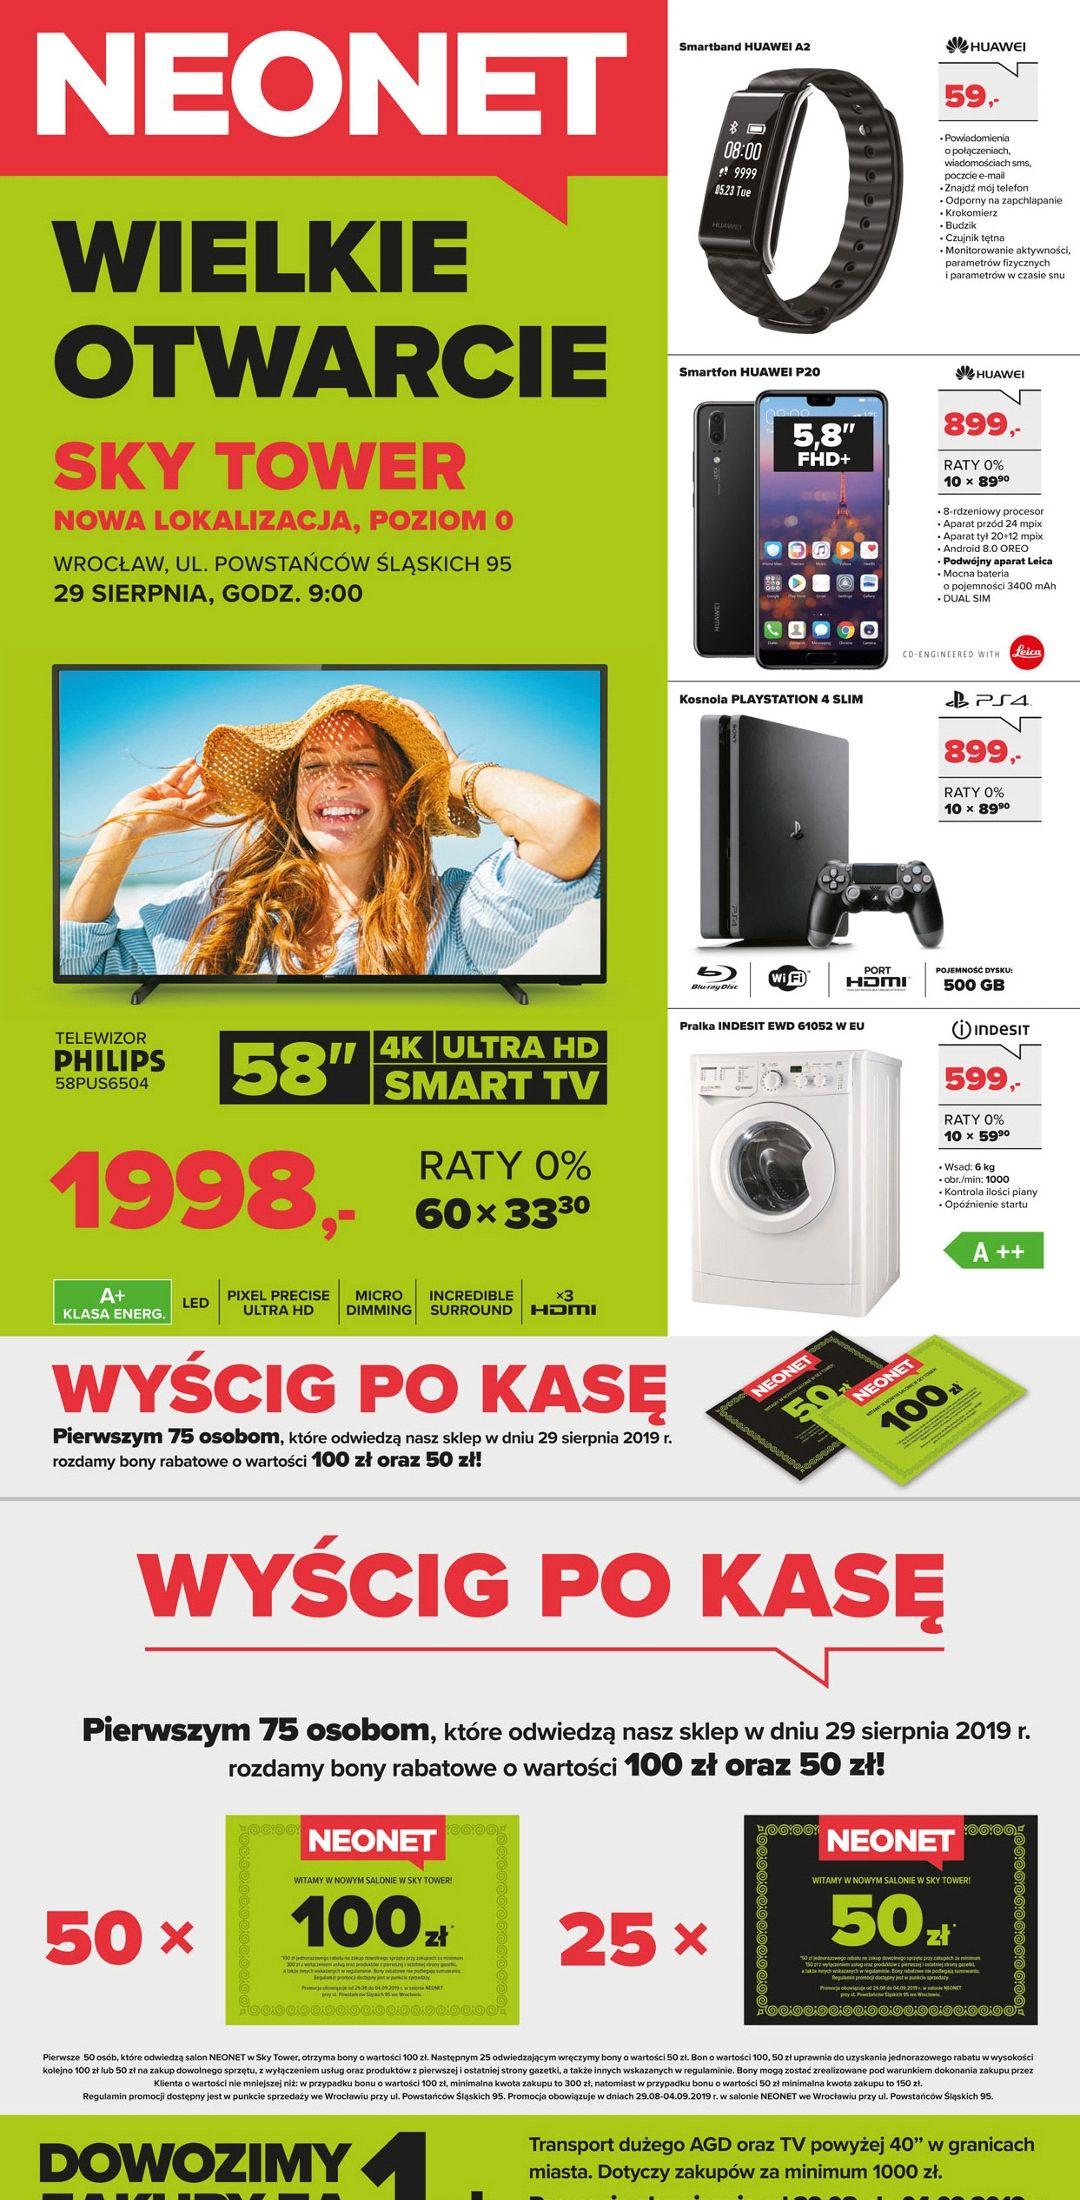 Neonet lokalnie Sky Tower Wrocław: Huawei p20 za 899 i inne!